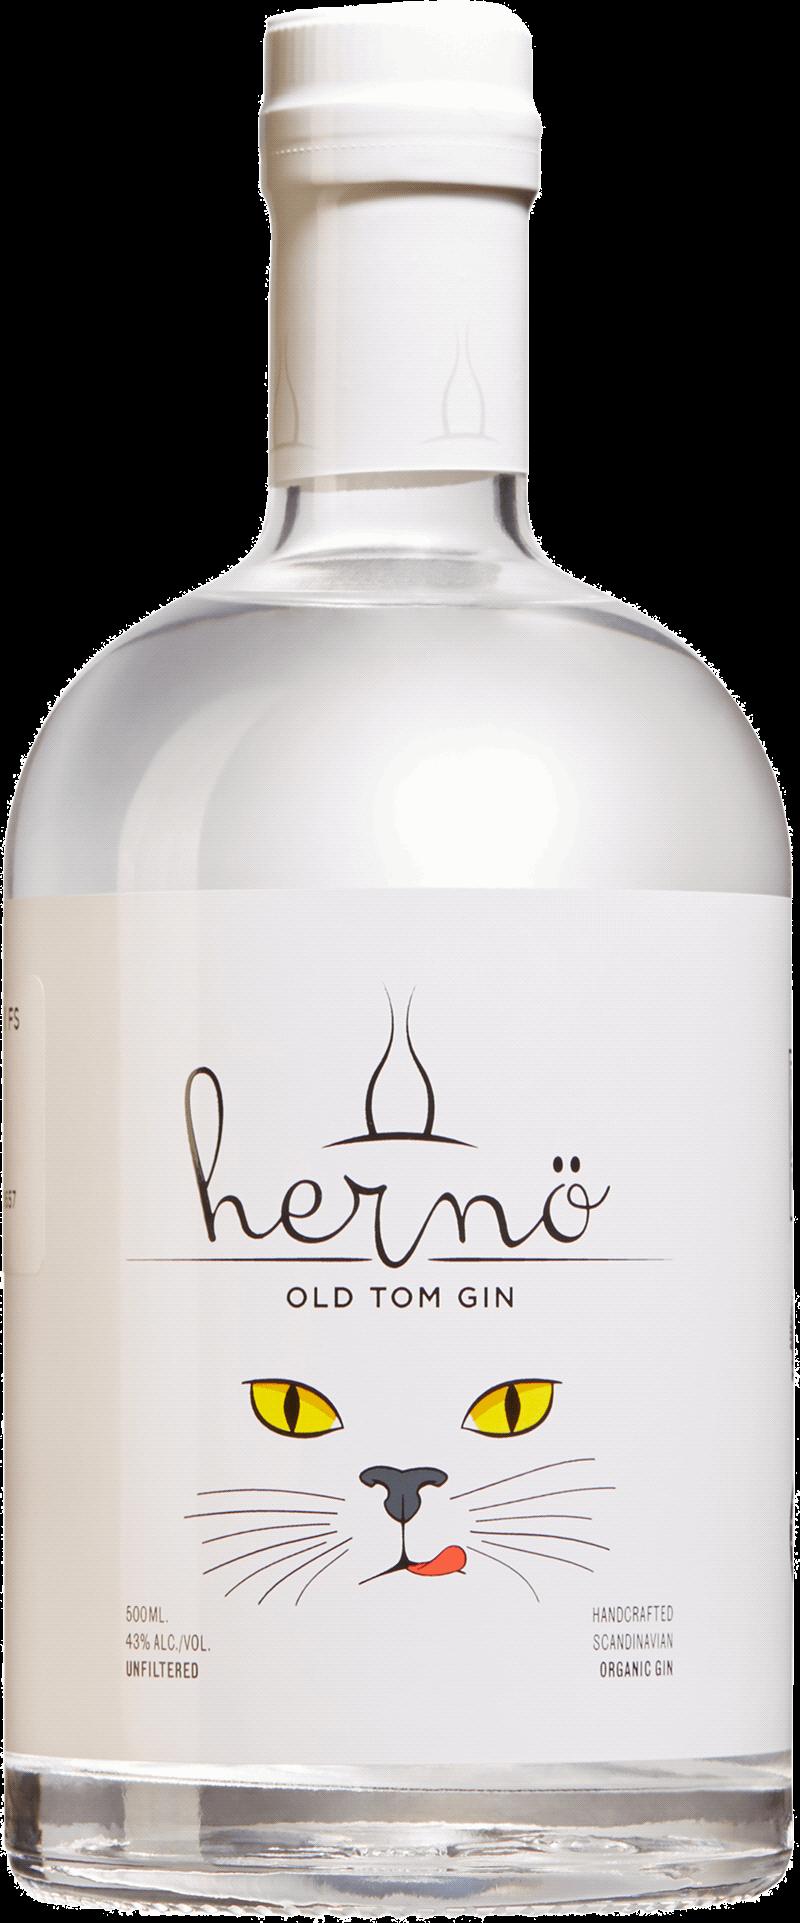 Hernö Old Tom Gin. En Gin och Genever av typen Gin i en 500 Flaska från Västernorrlands län